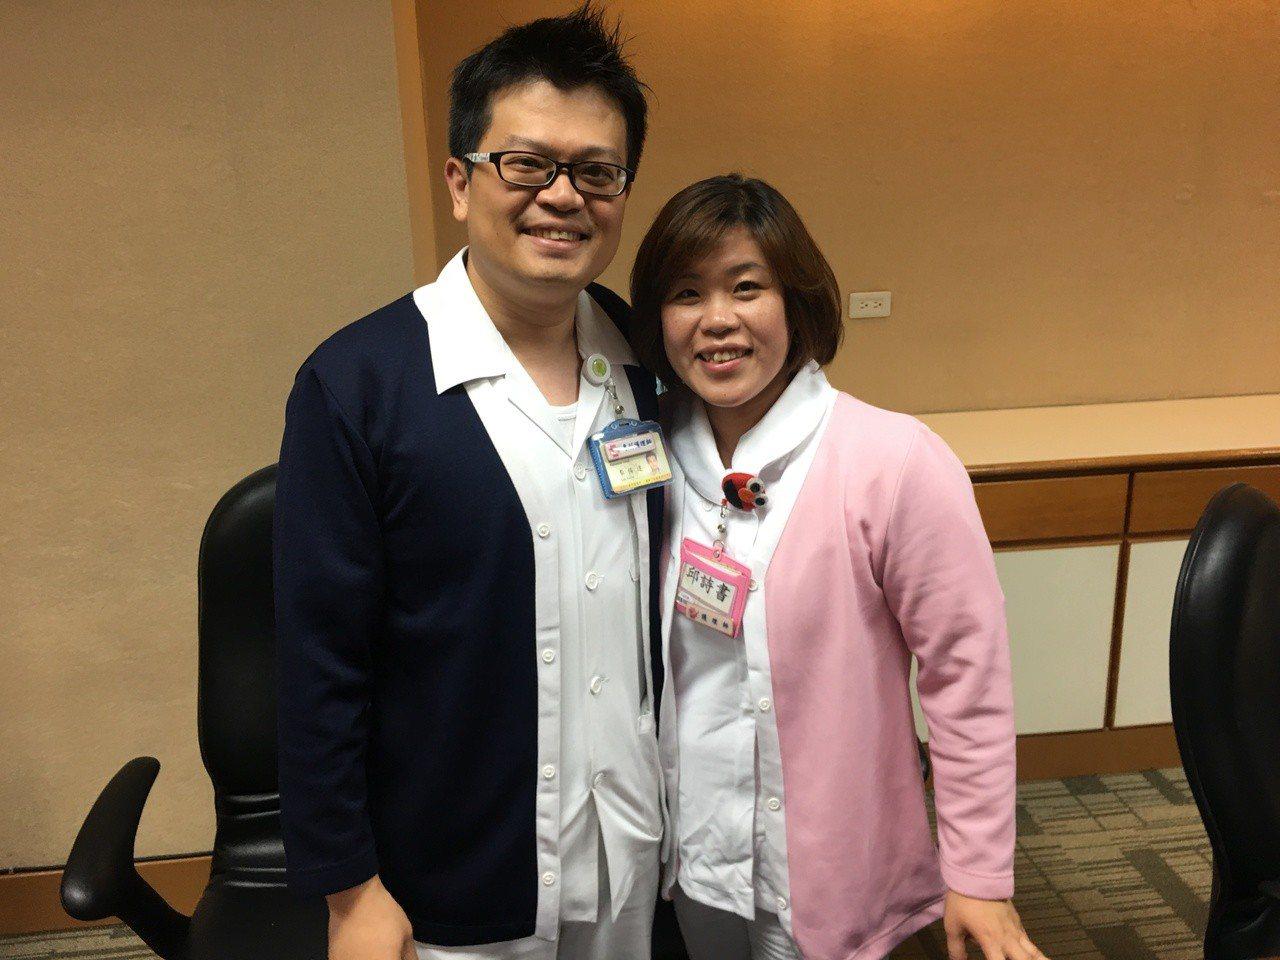 台北榮總的夫妻護理檔李侑達(左)及妻子邱詩書(右)。記者鄧桂芬/攝影